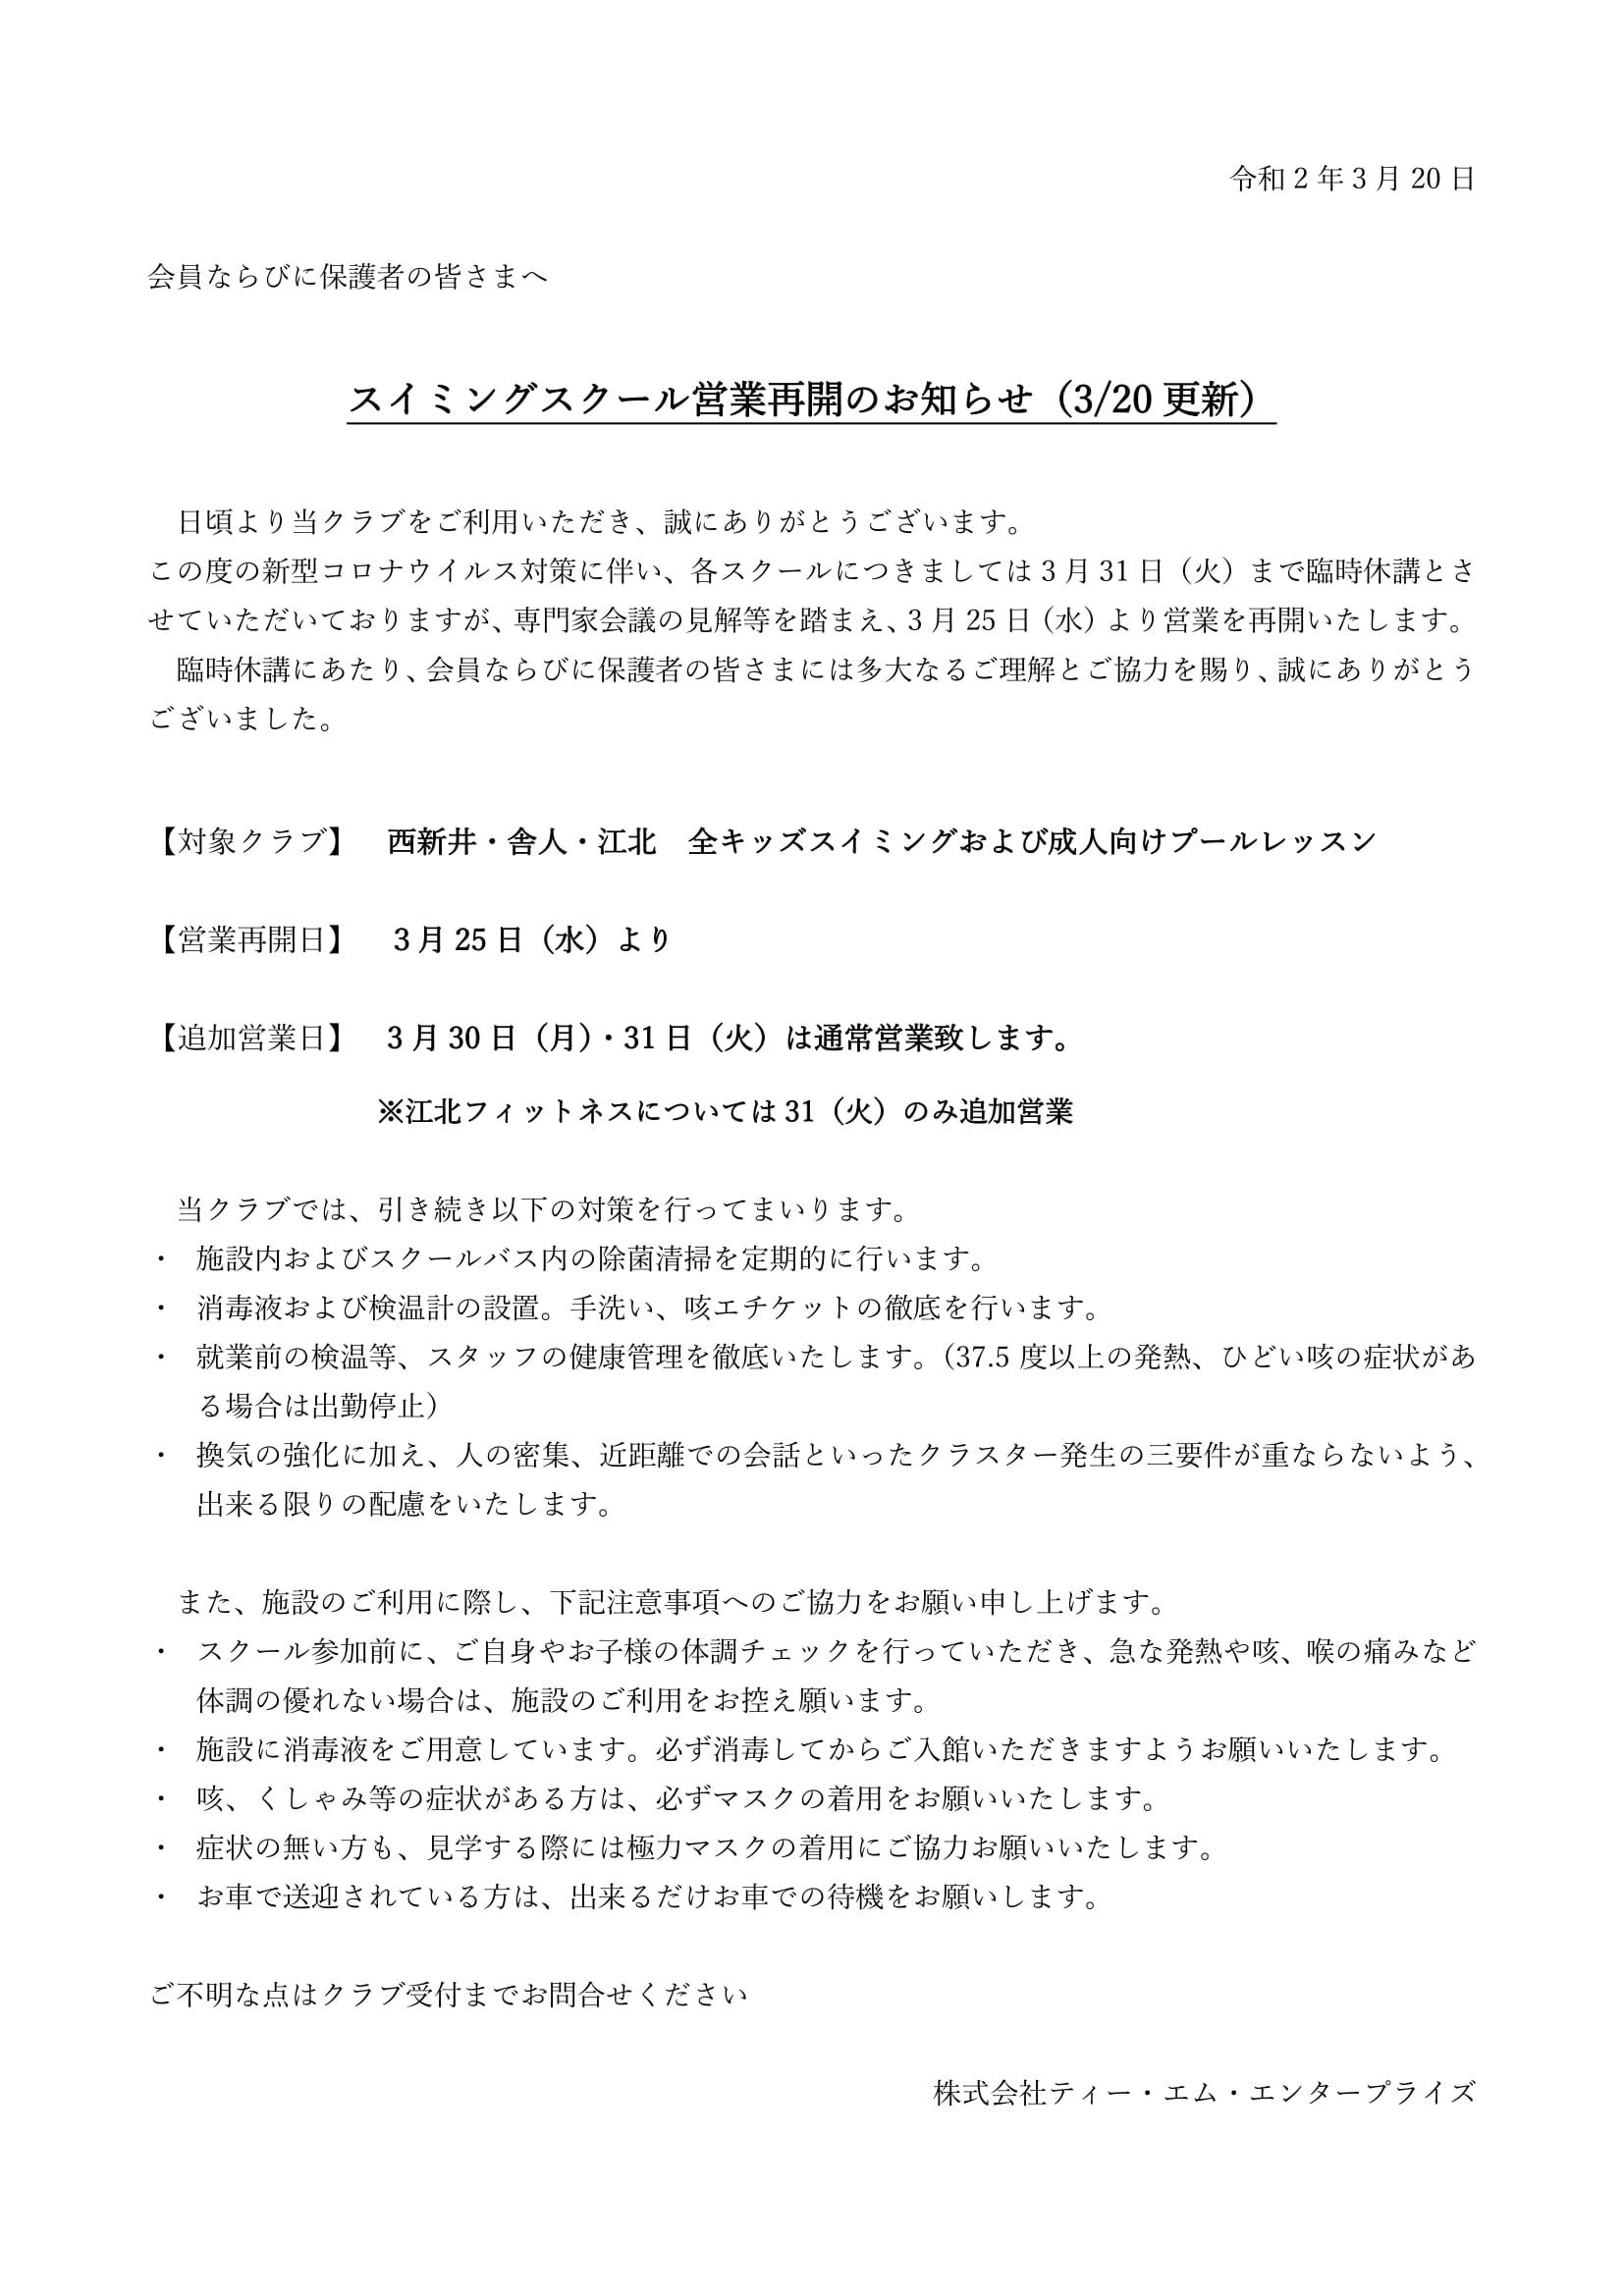 スイミングスクール営業再開のお知らせ(3/20更新)